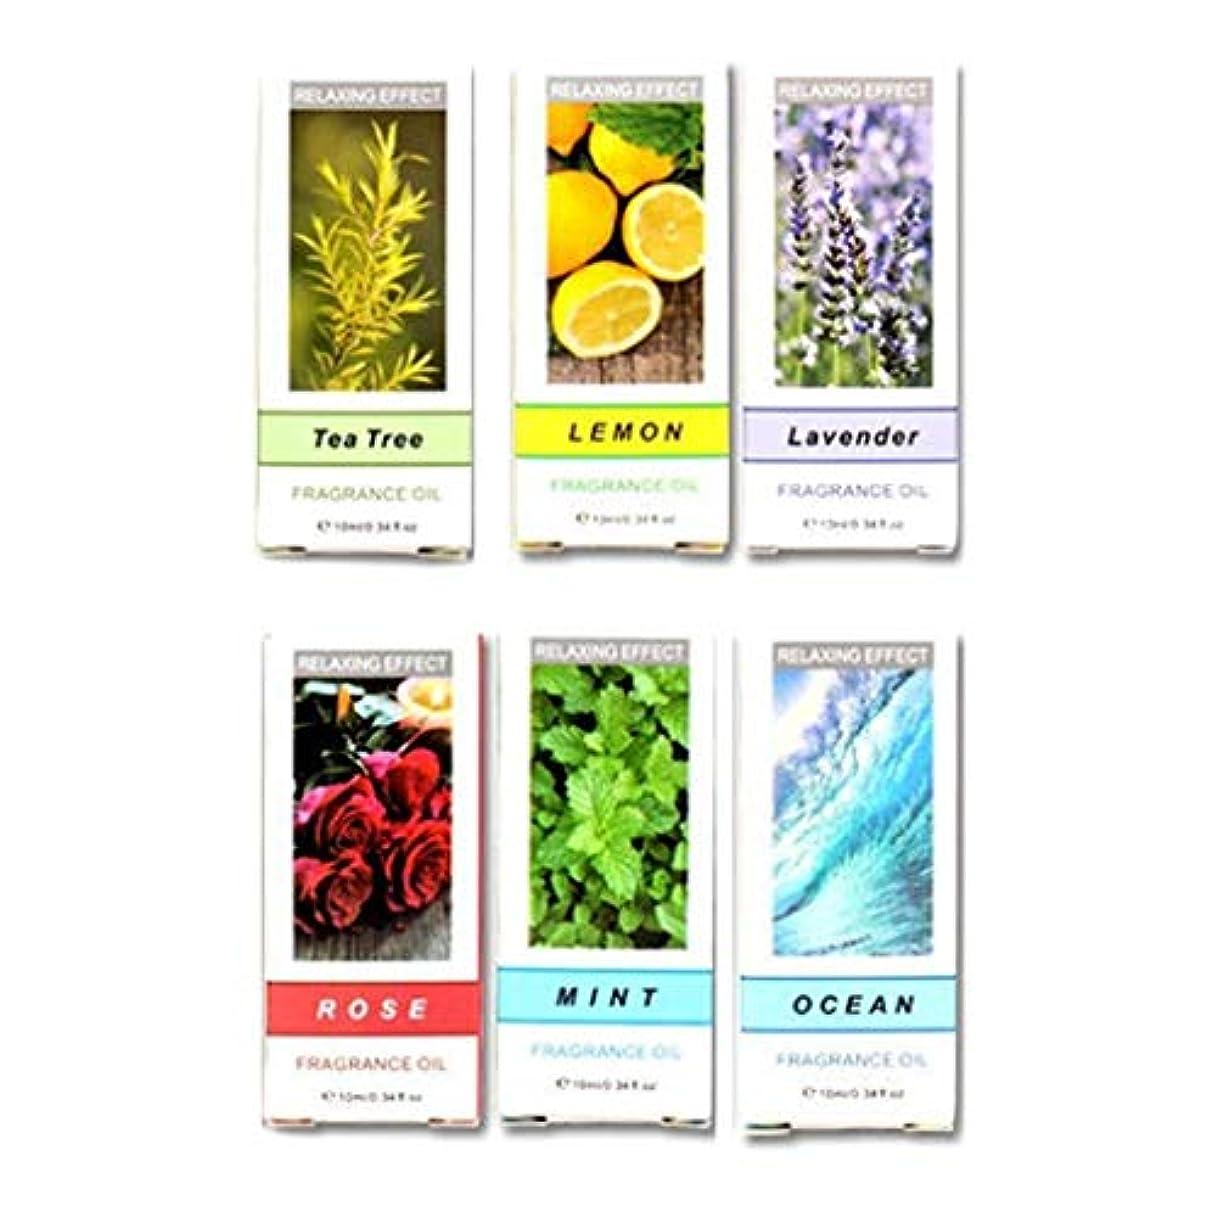 撤回する医薬品本会議KOROWA アロマオイルセット 100%純正 エッセンシャルオイル 厳選精油 プレゼントに最適 加湿器用 みずみずしく 美しい香り 6個入り